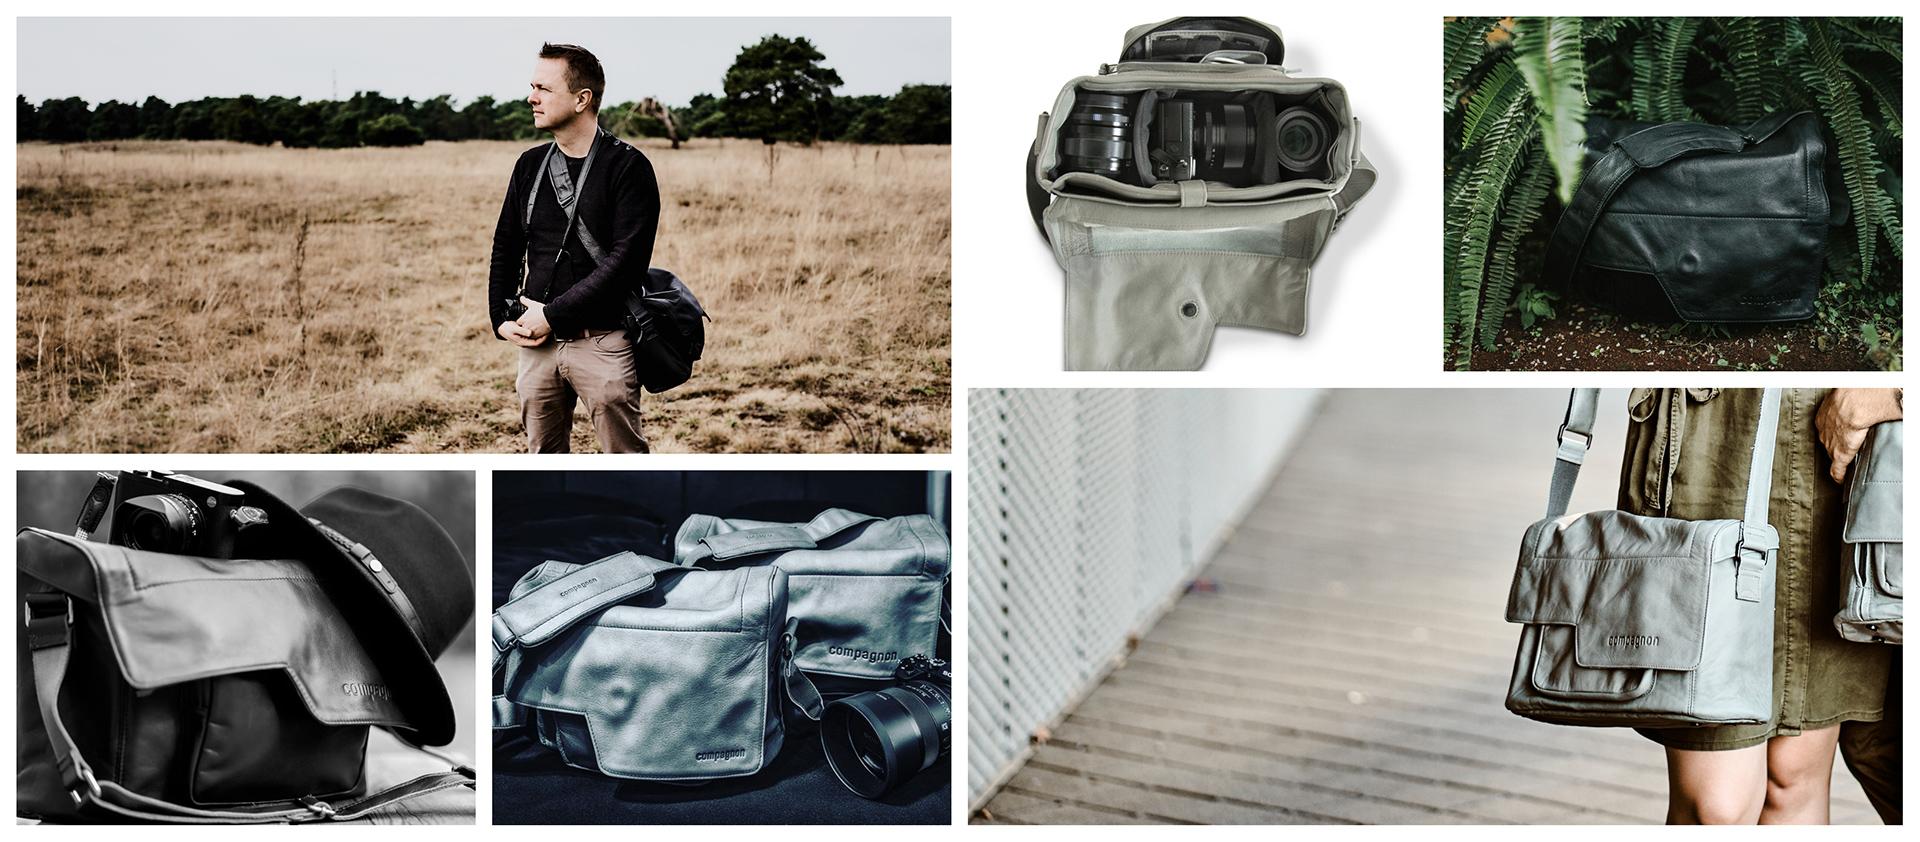 compagnon_medium-messenger_camerabag_leatherbag_shoulderbag_black-grey